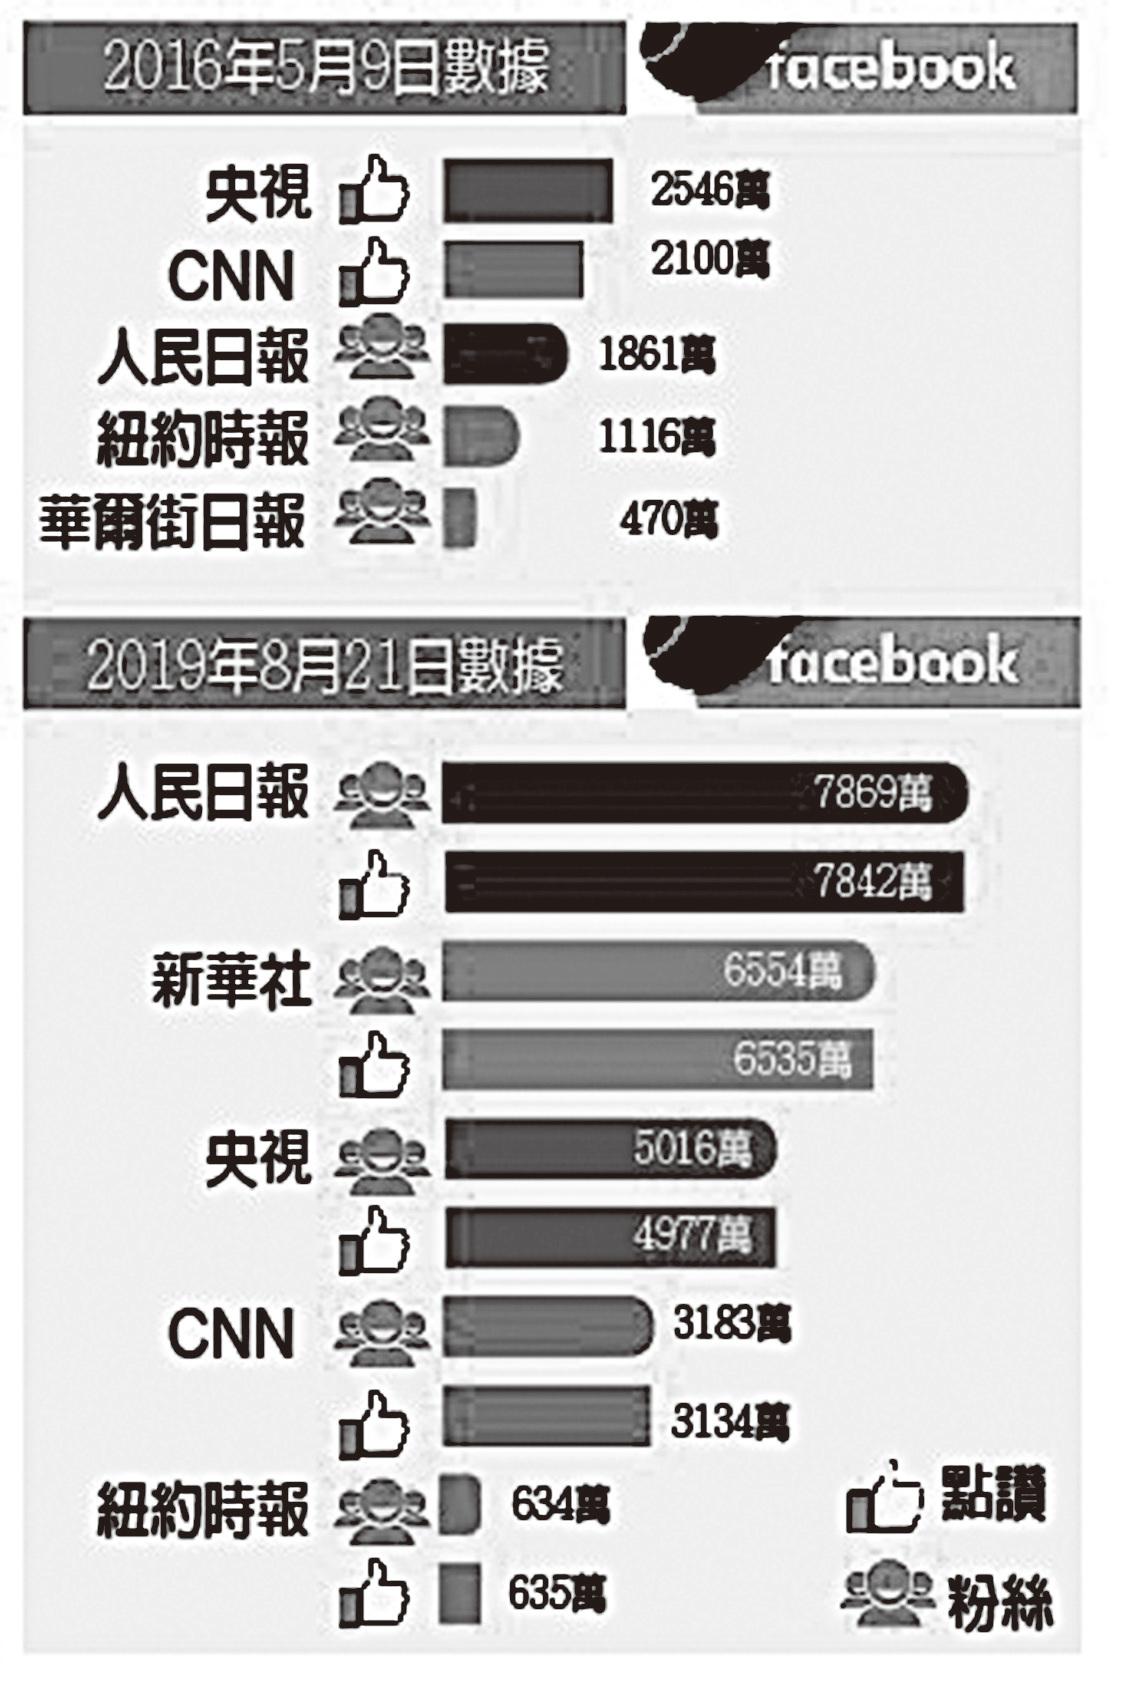 社交媒體臉書(Facebook)上,中共中央級黨媒帳號與美國知名媒體的點讚數和粉絲數演變對比。(大紀元製圖)